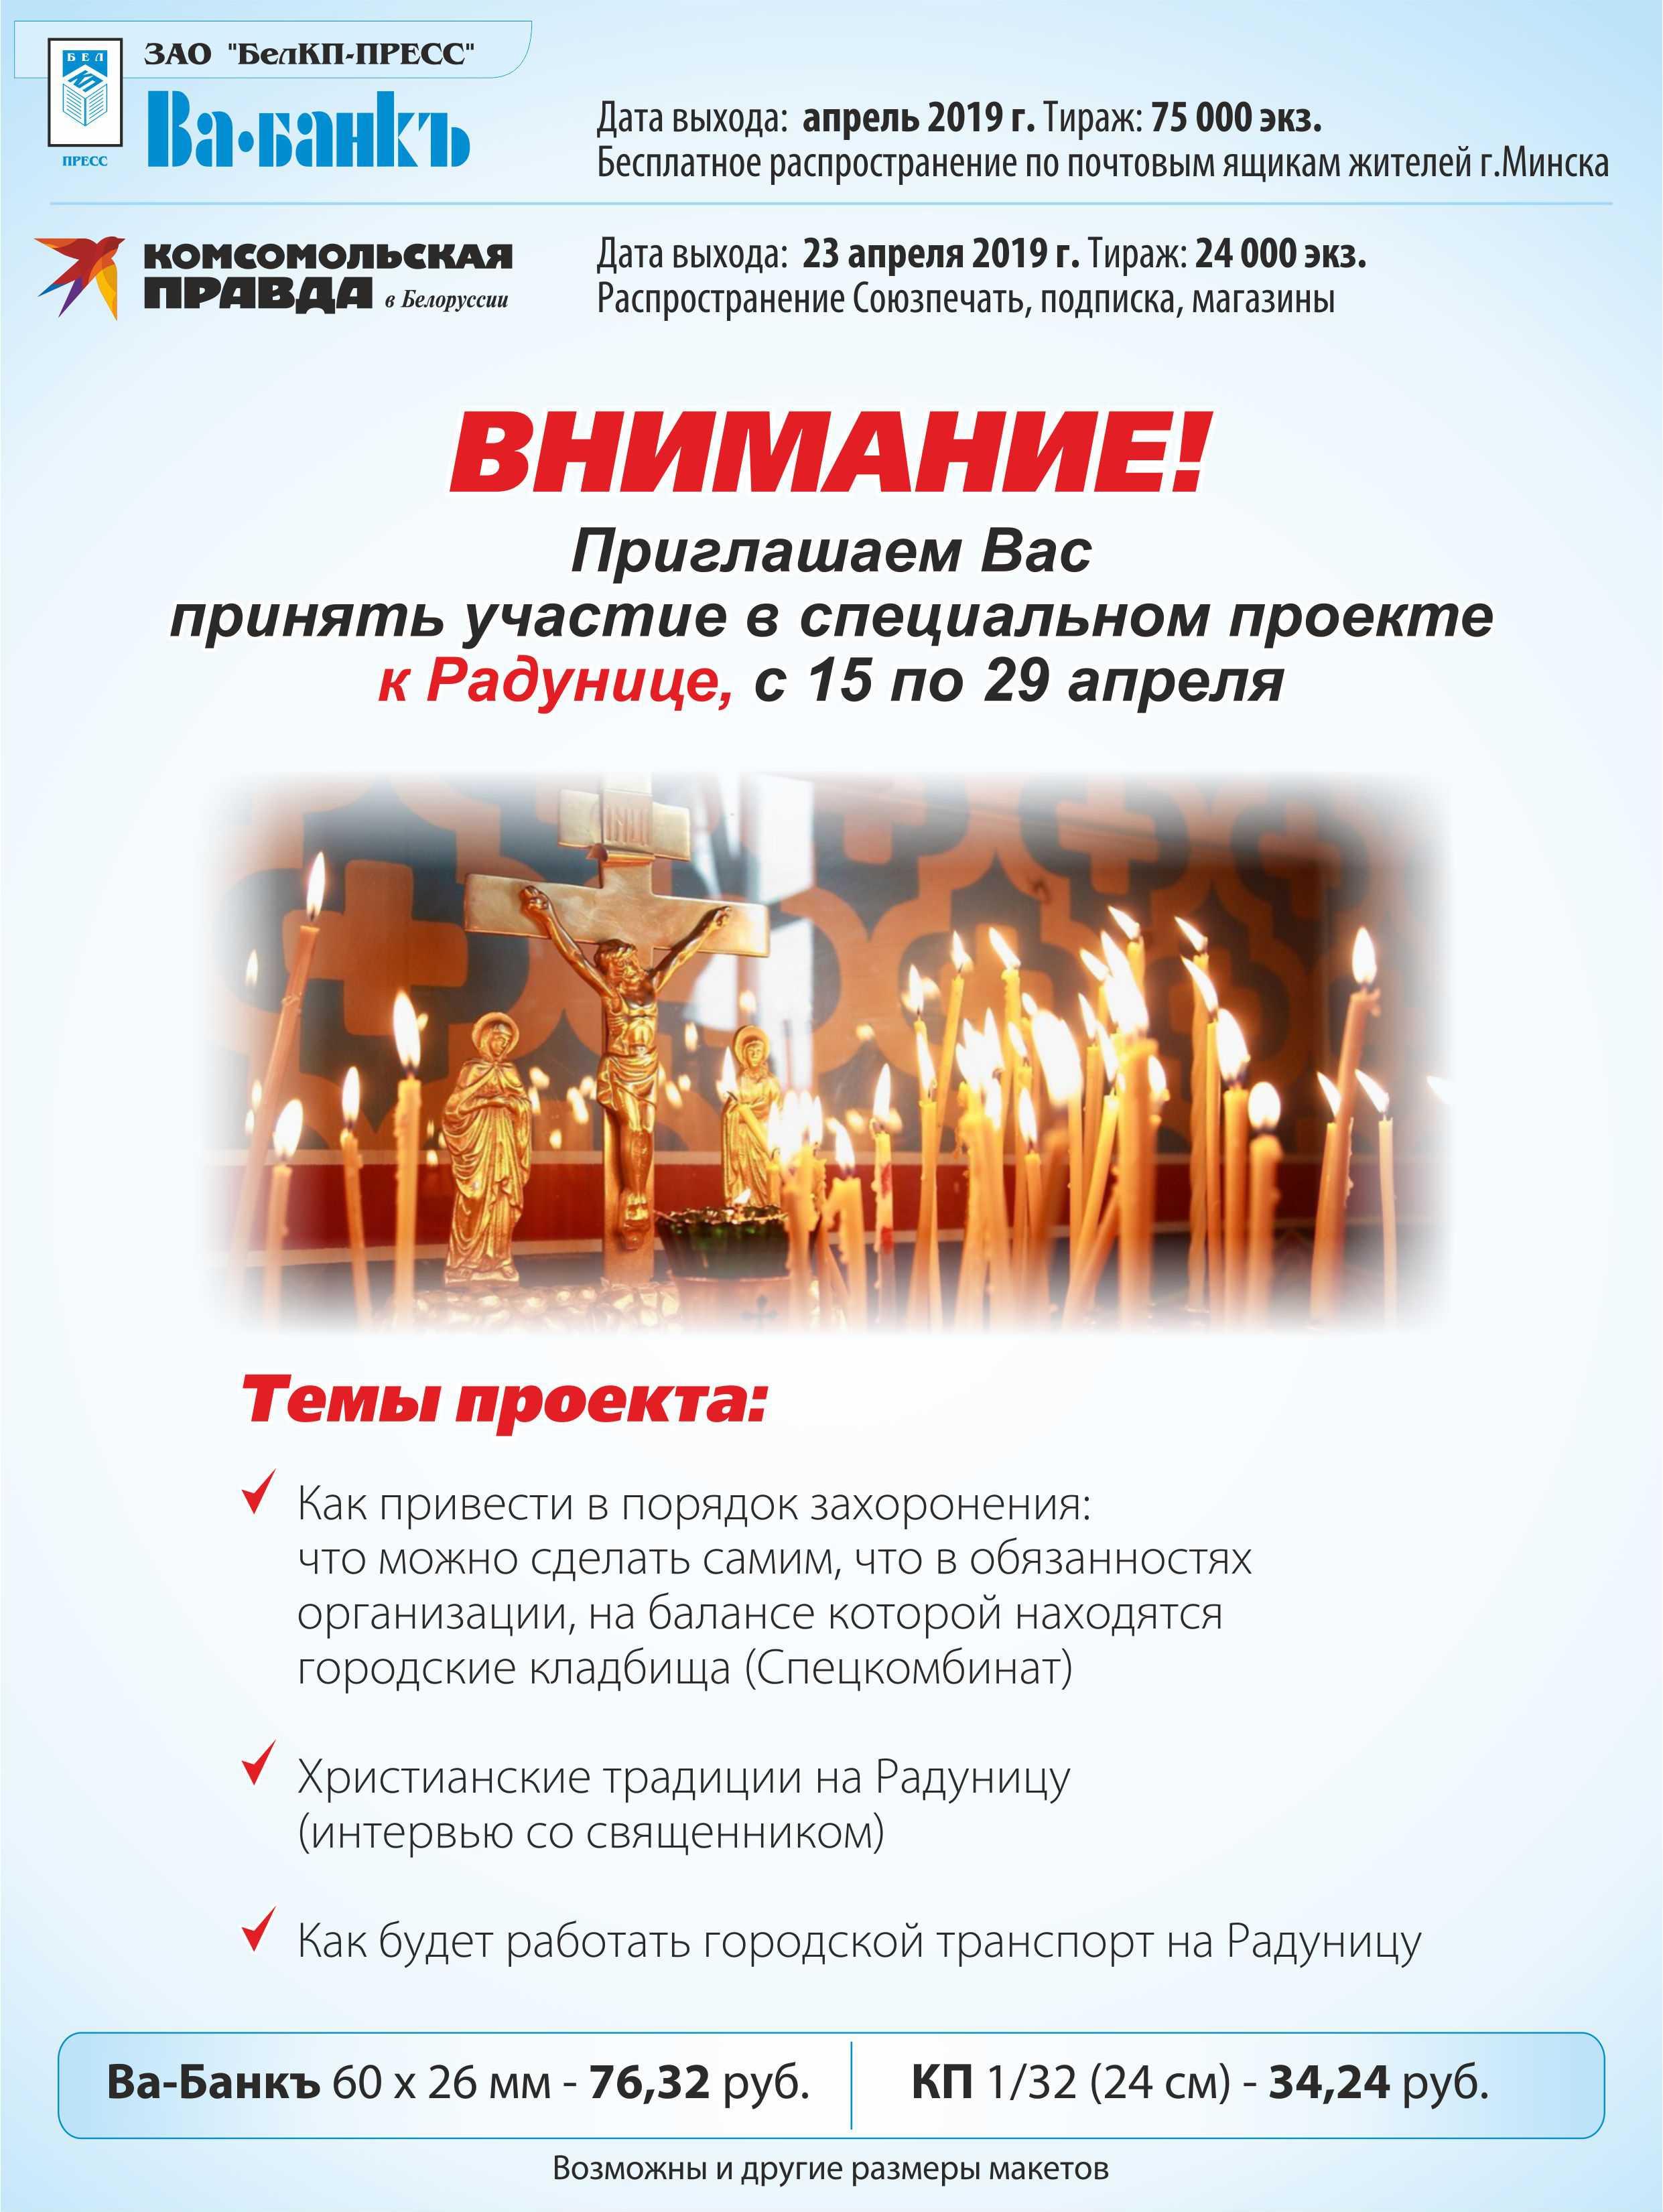 Спецпроект Ва-банк и Комсомольской правды Радуница reklama-on.by